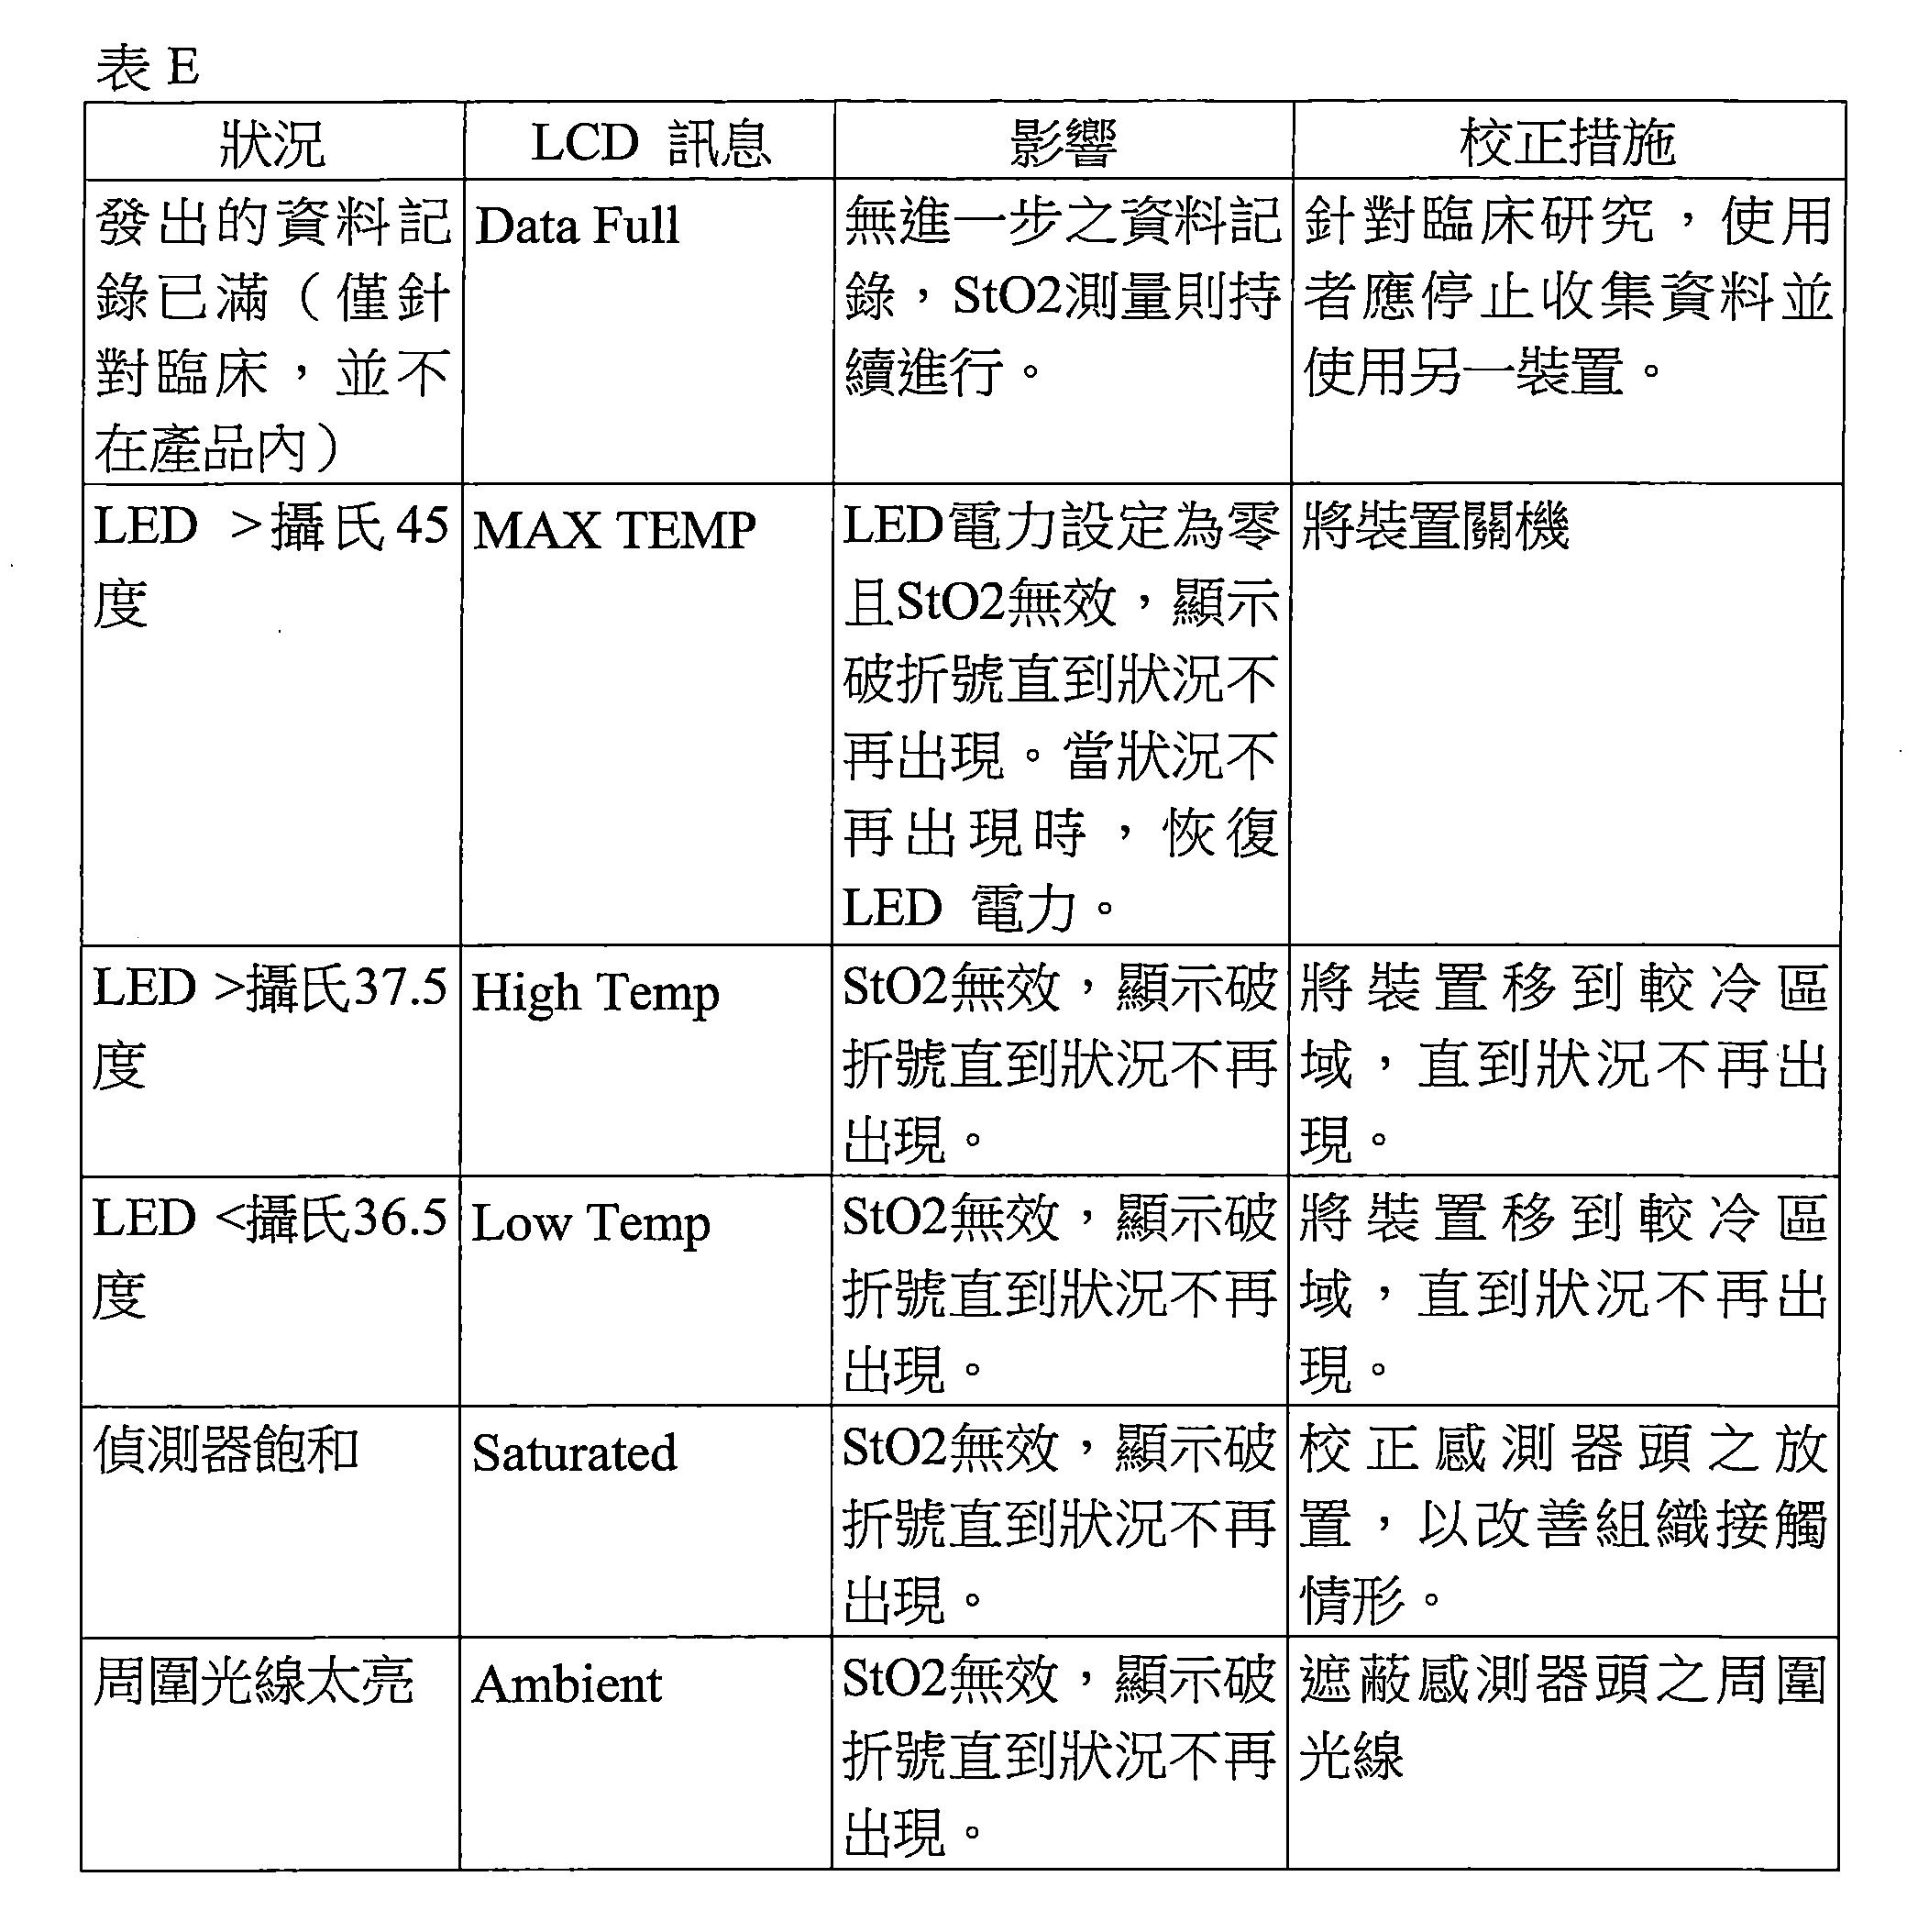 Figure TW201803523AD00006